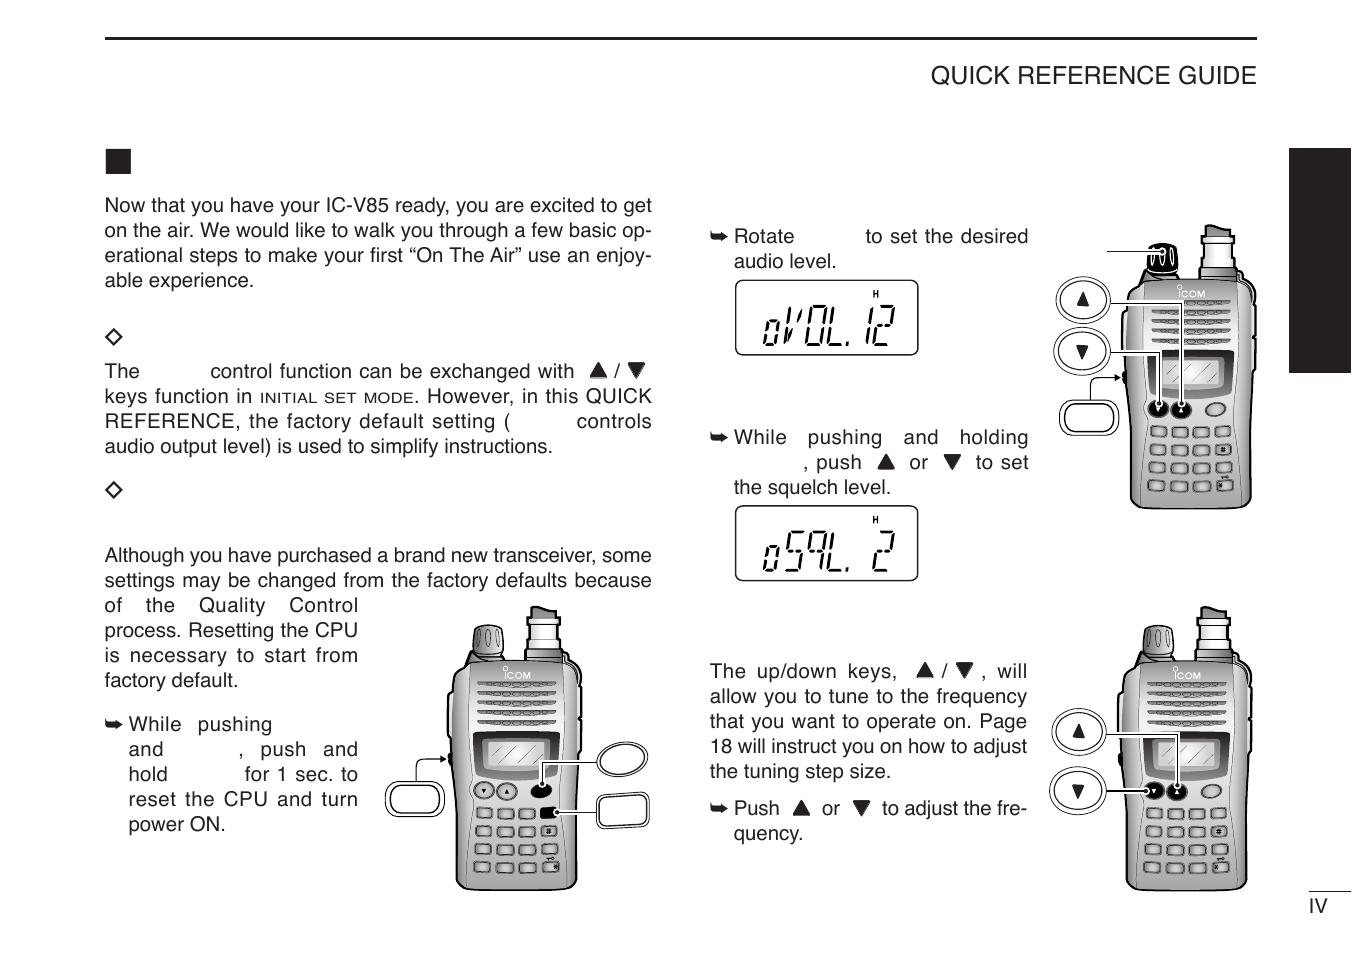 your first contact dabout default setting dbasic operation icom rh manualsdir com icom ic-v85 china manual icom fm transceiver ic-v85 manual